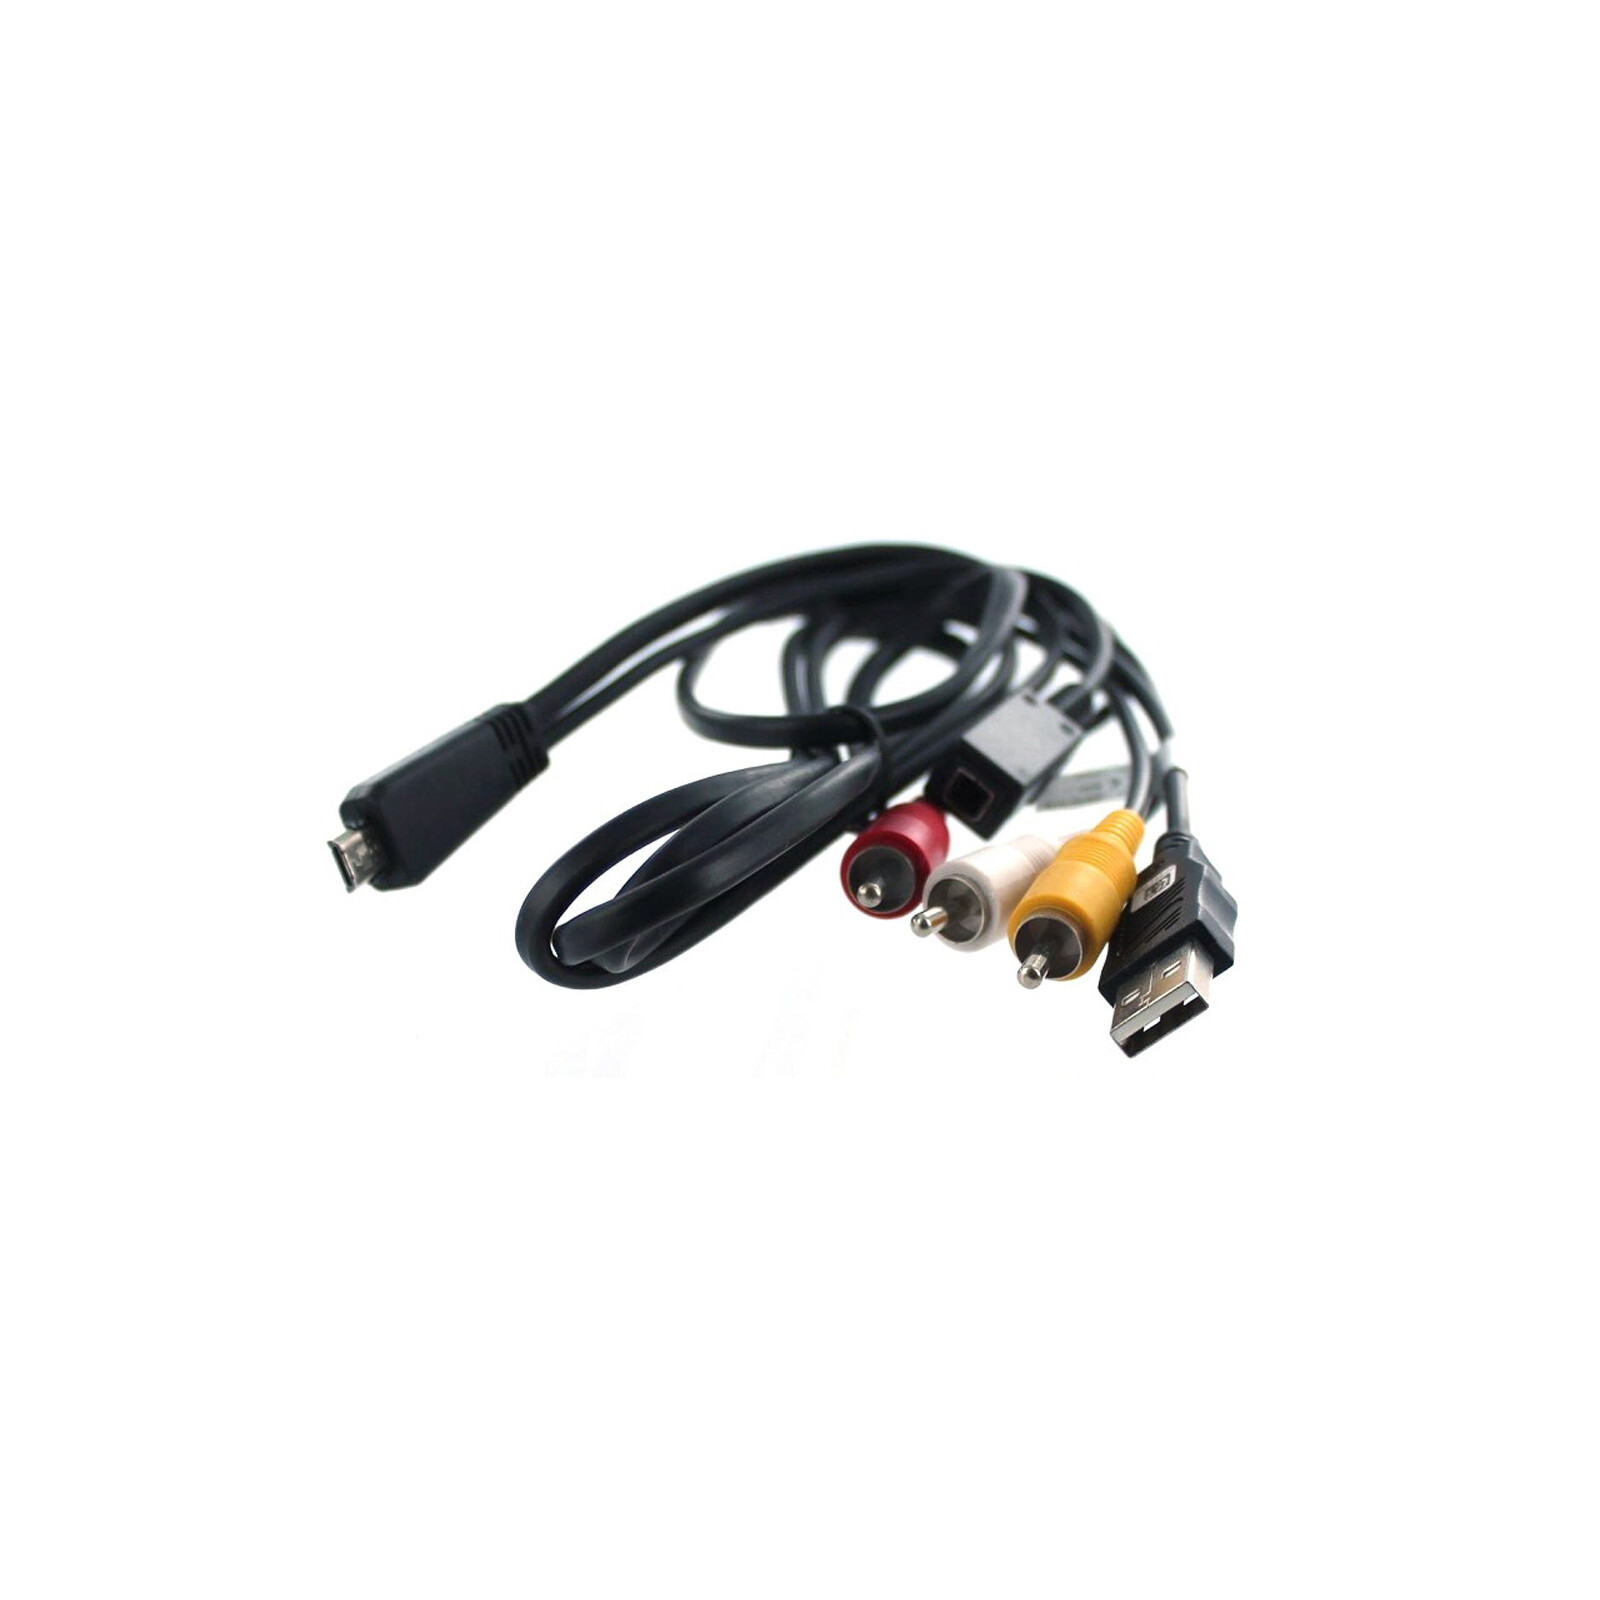 AGI 4410 USB-/AV-Verbindungskabel Sony DSC-HX7V